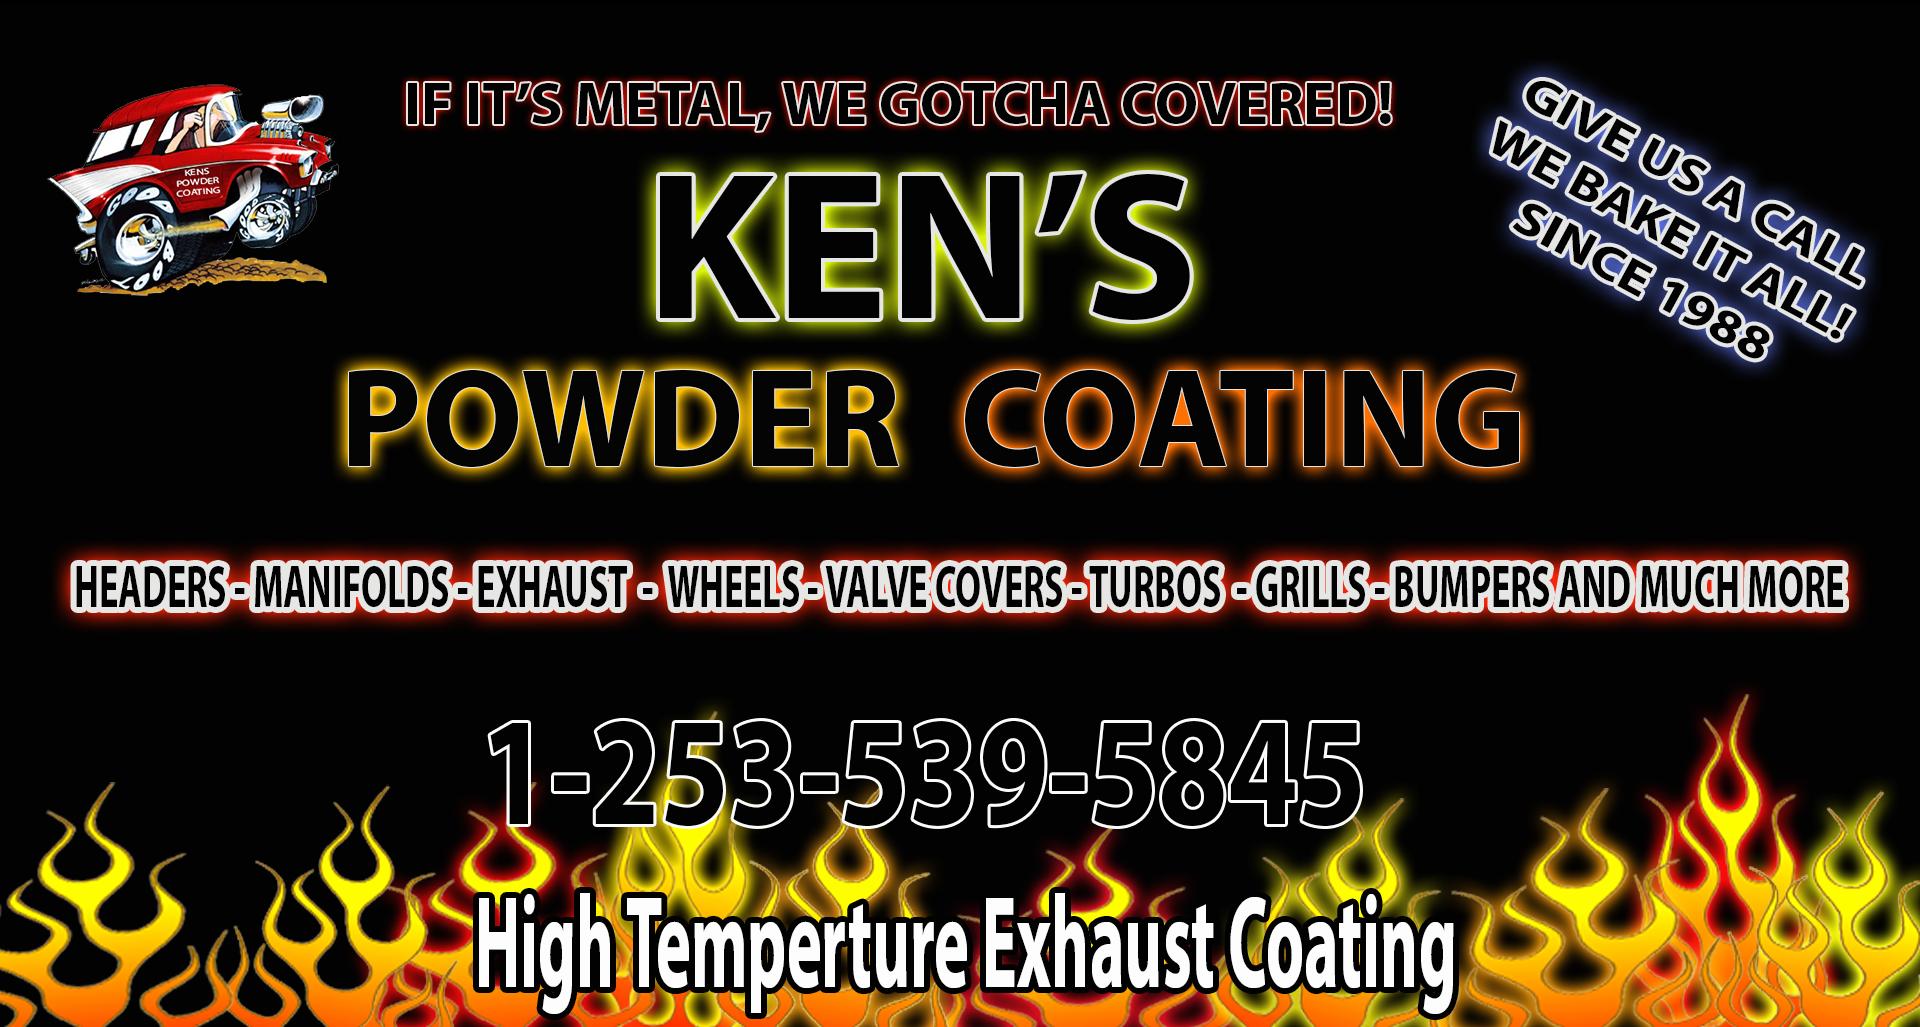 Kens powder coating tacoma